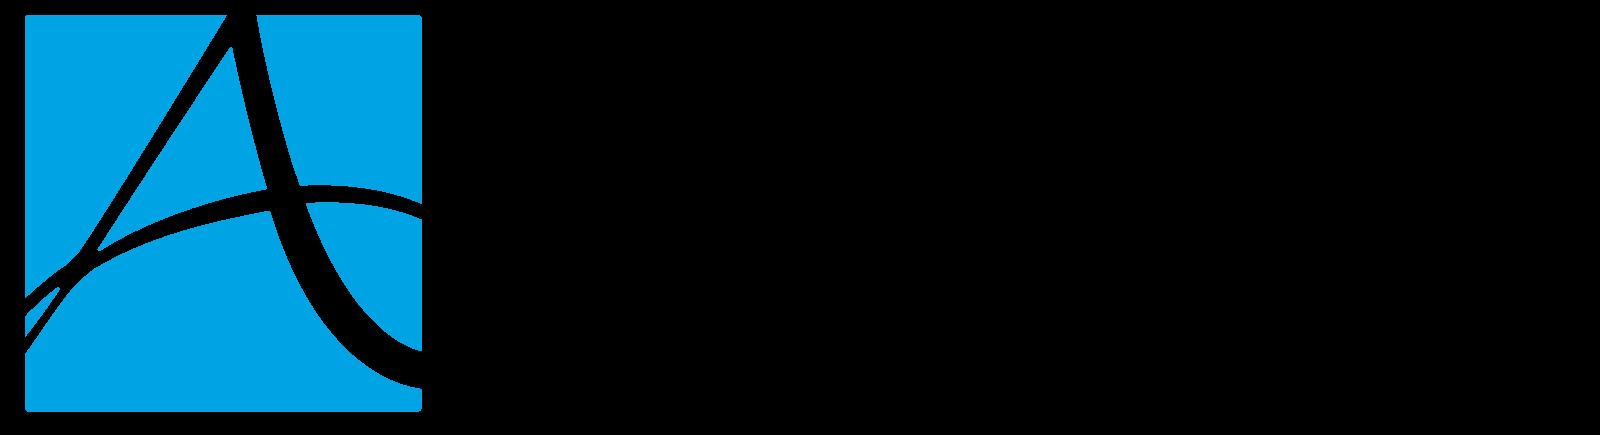 Avamere Court at Keizer logo